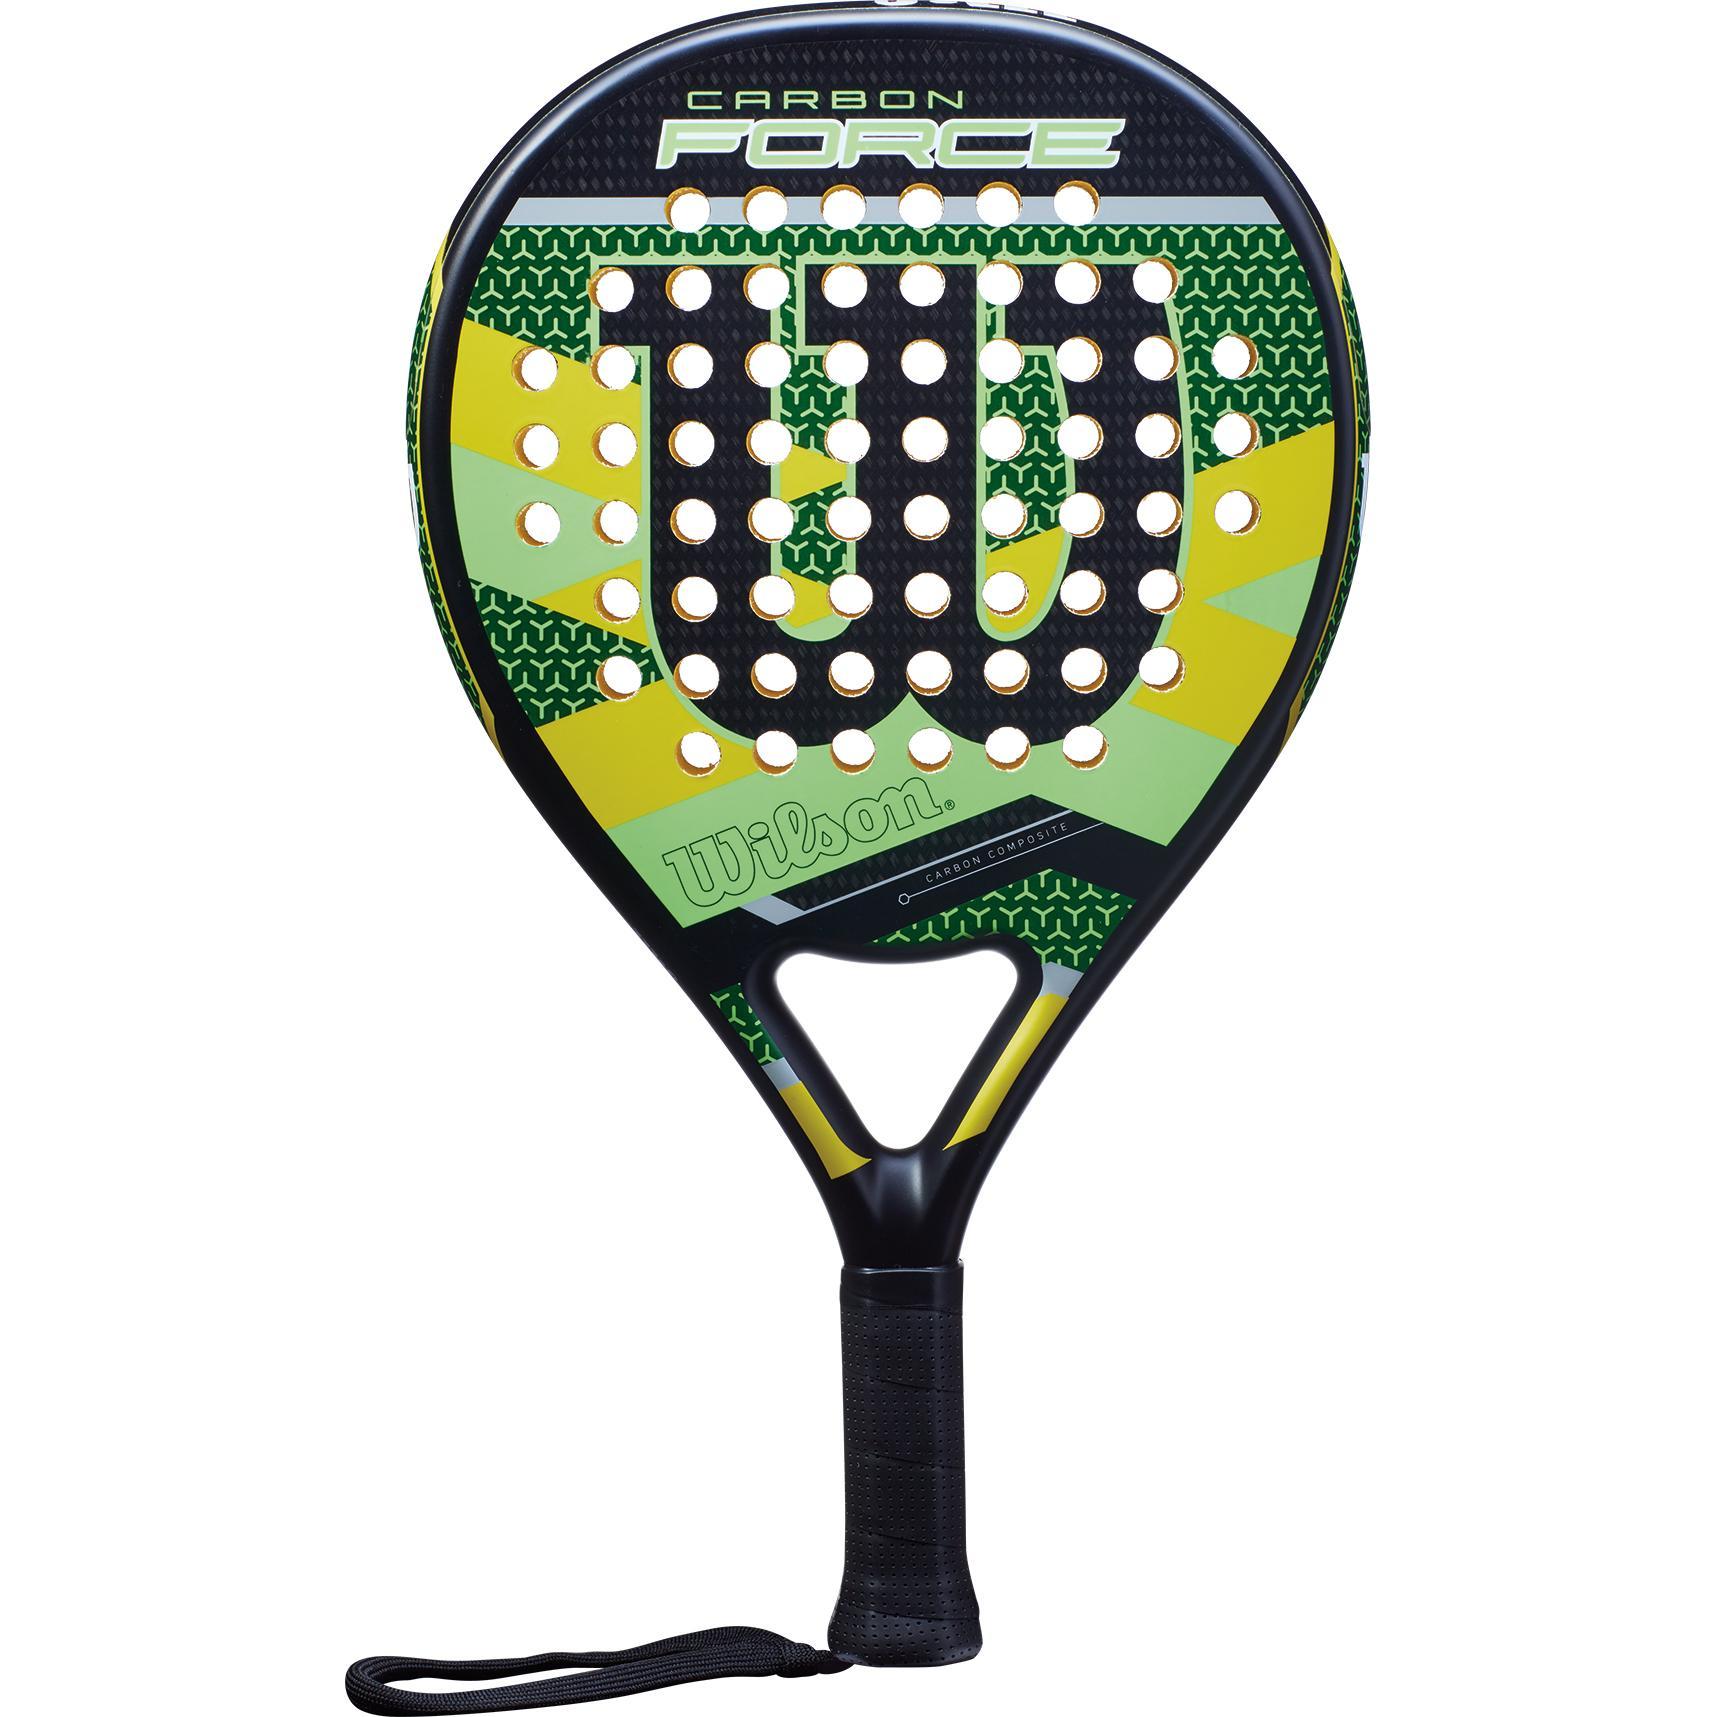 Wilson Carbon Force Padel Racket - Green Black - Tennisnuts.com 598e9ff78d6d5